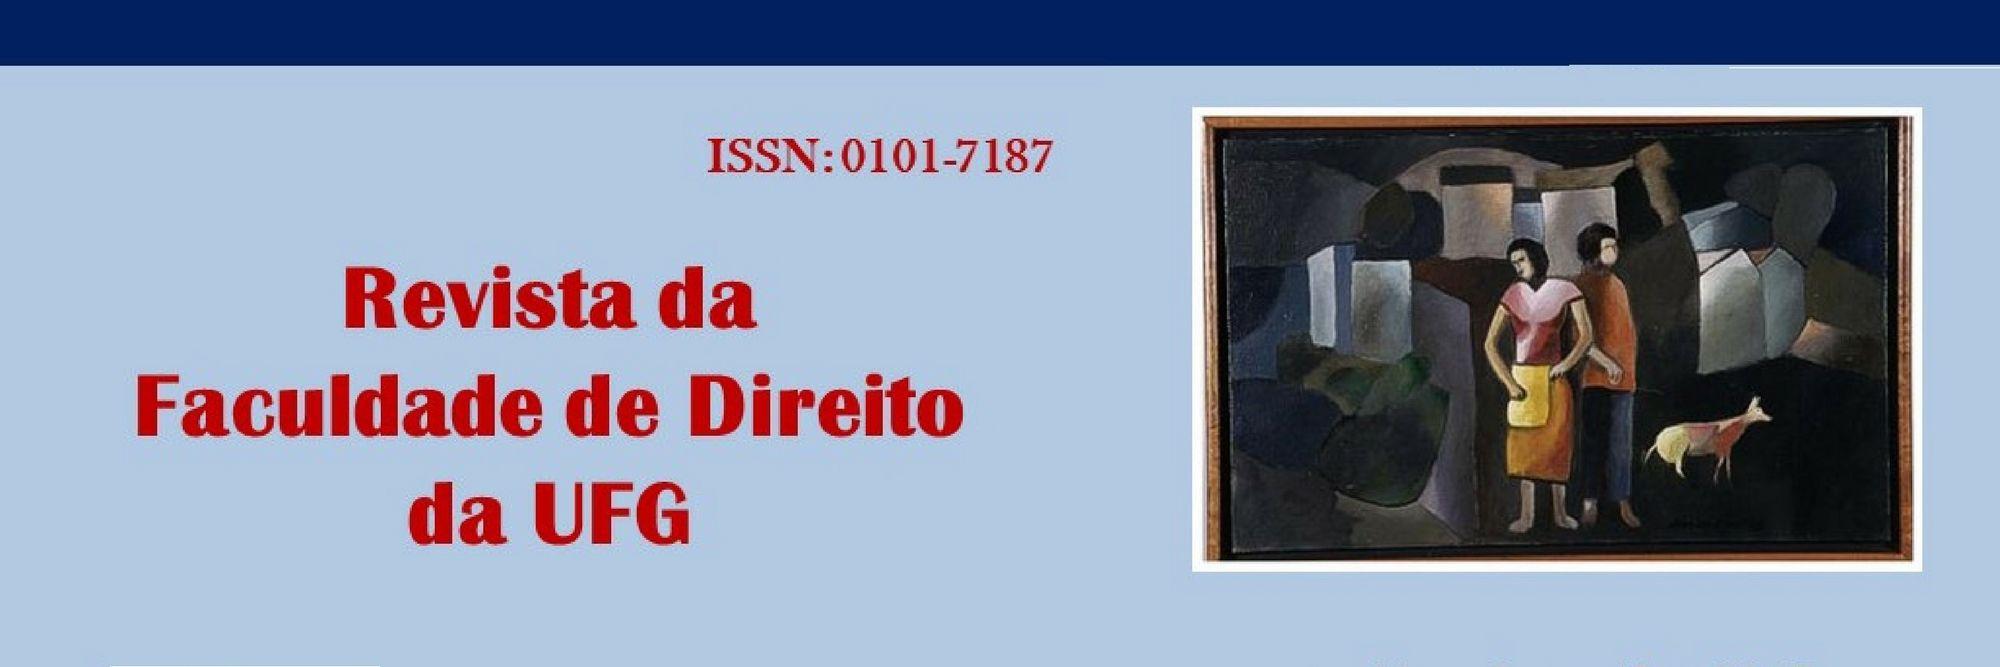 Revista da Faculdade de Direito